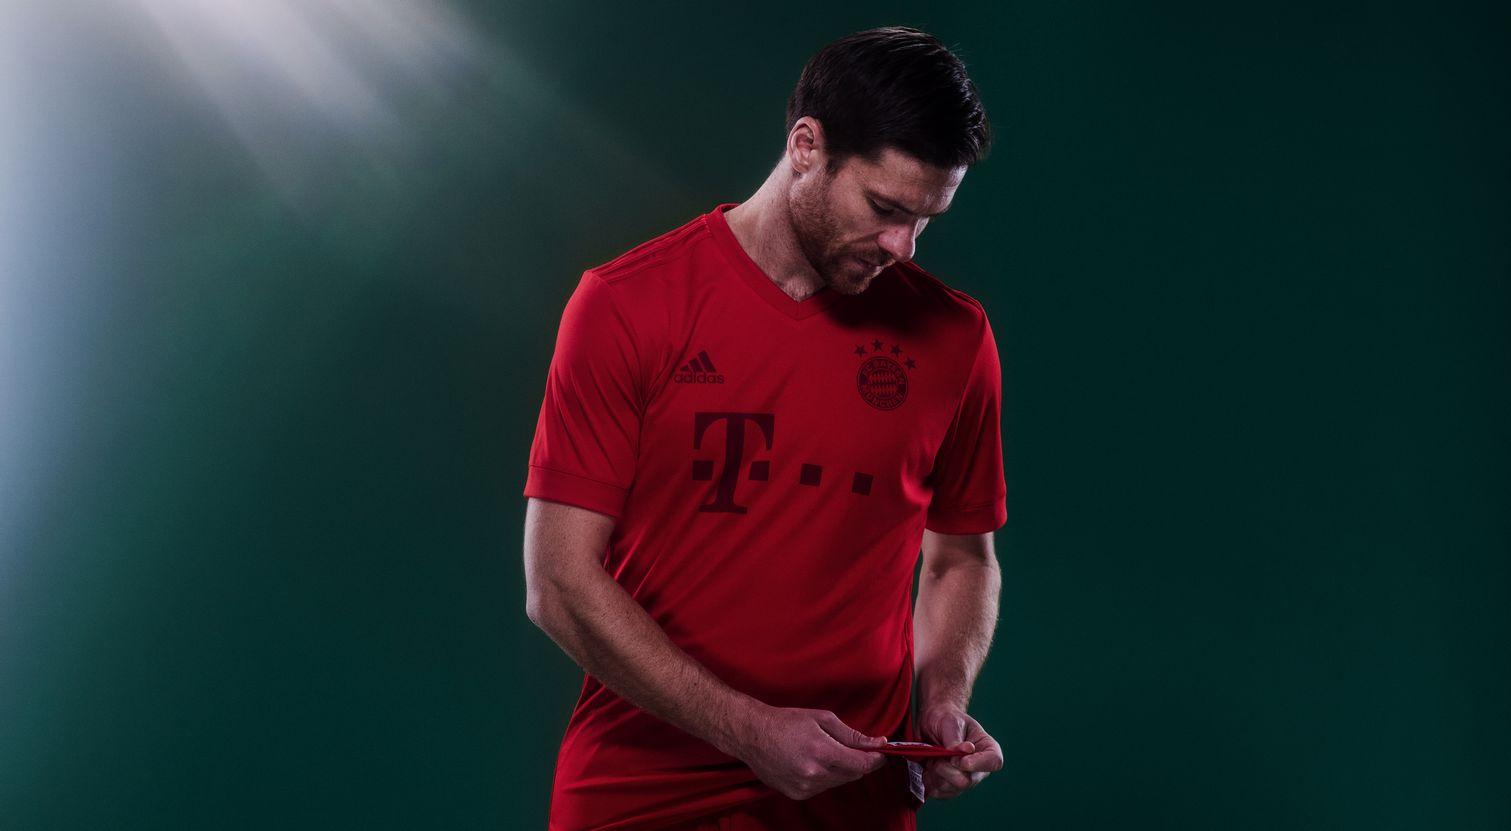 tienda oficial zapatillas de skate replicas Camiseta Adidas del Bayern Munich x PARLEY 2016